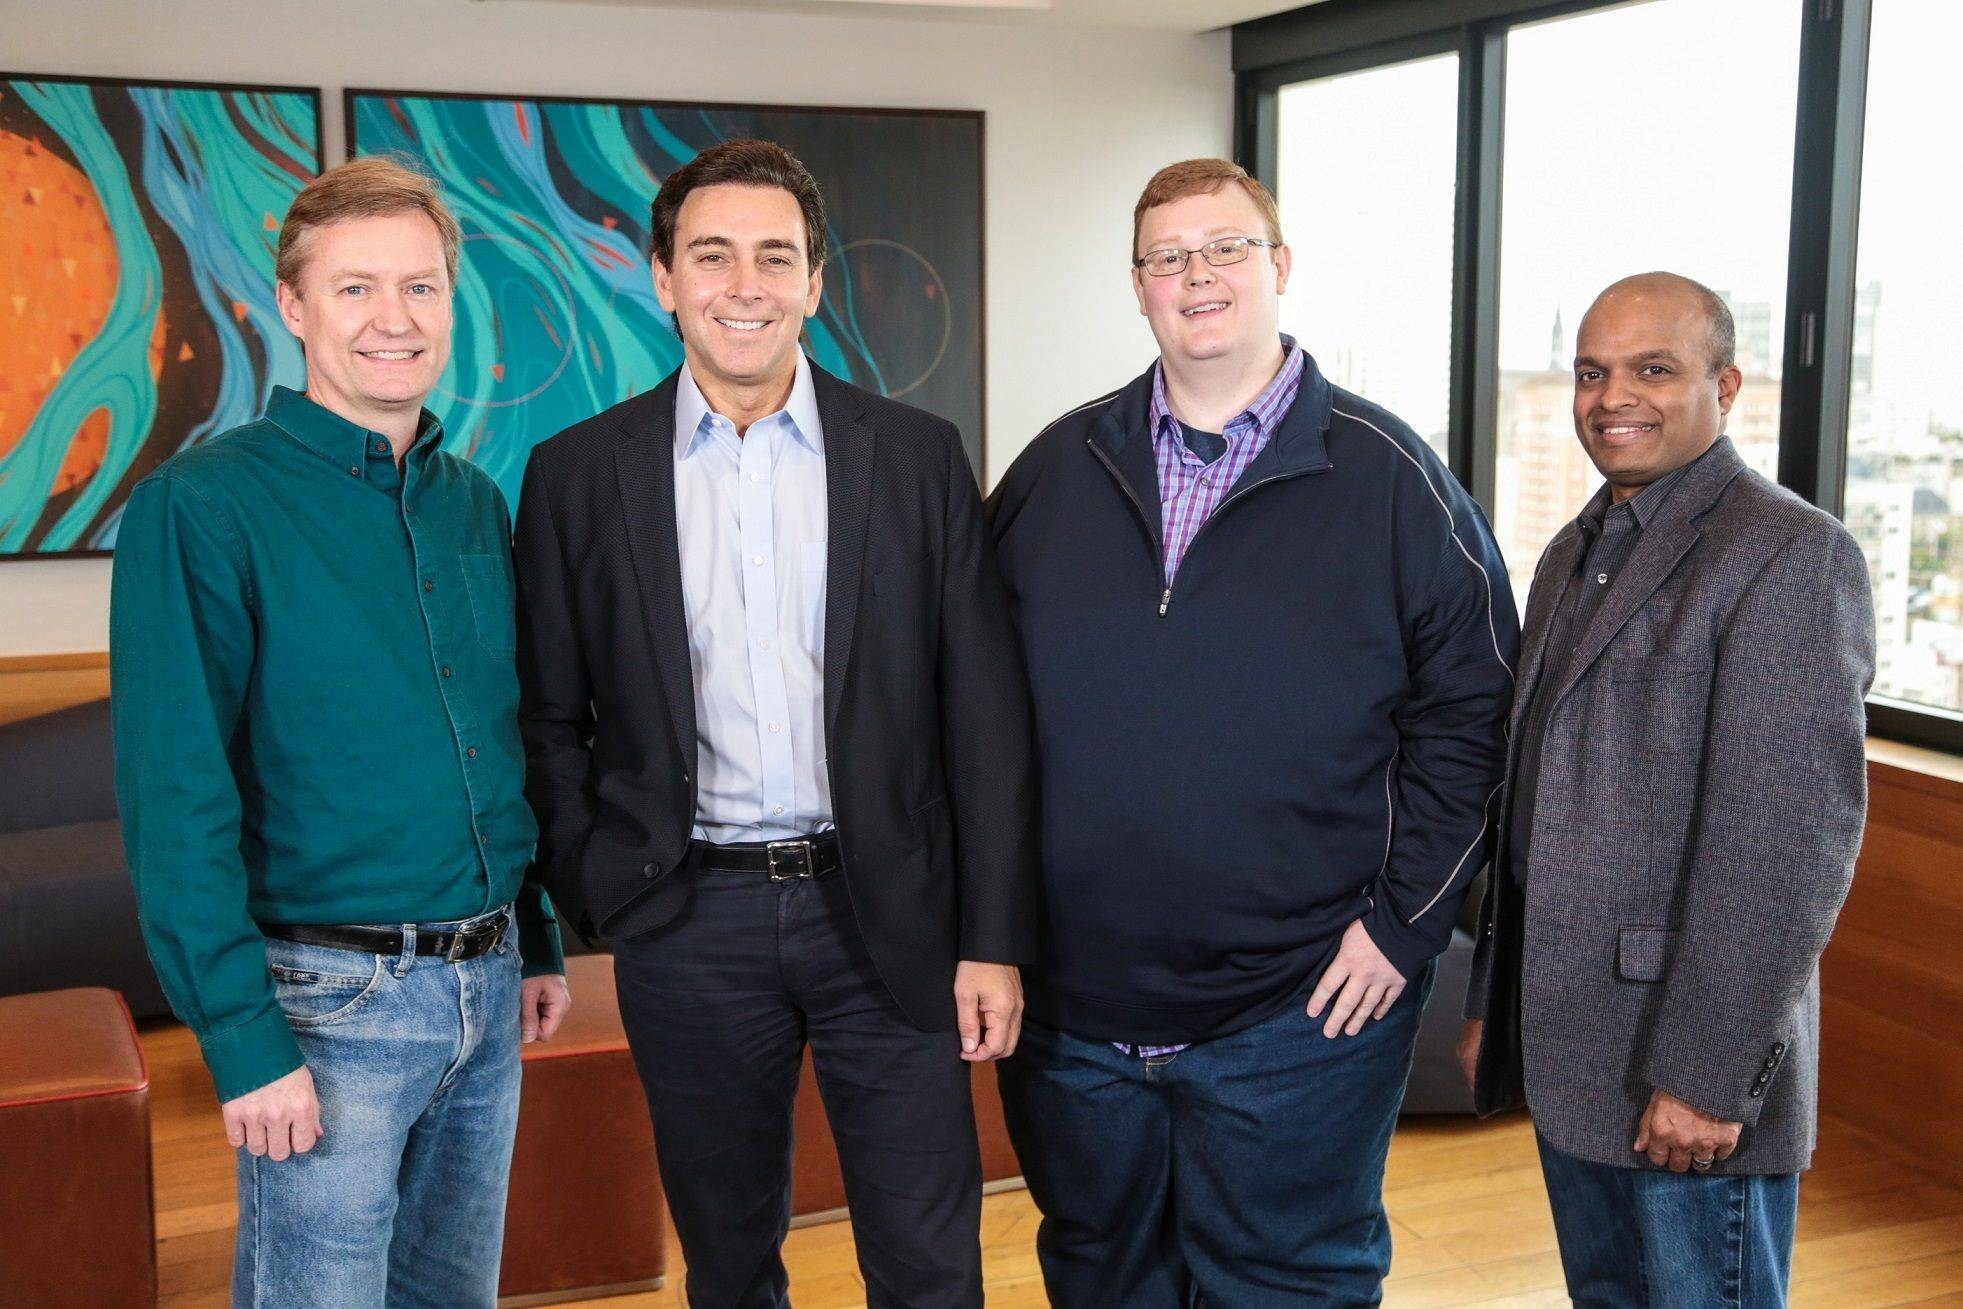 福特汽车计划在未来五年向Argo AI投资10亿美元;图中左二为福特汽车公司总裁兼首席执行官马克·菲尔兹,右一为福特汽车公司全球产品开发集团副总裁兼首席技术官宁睿.jpg